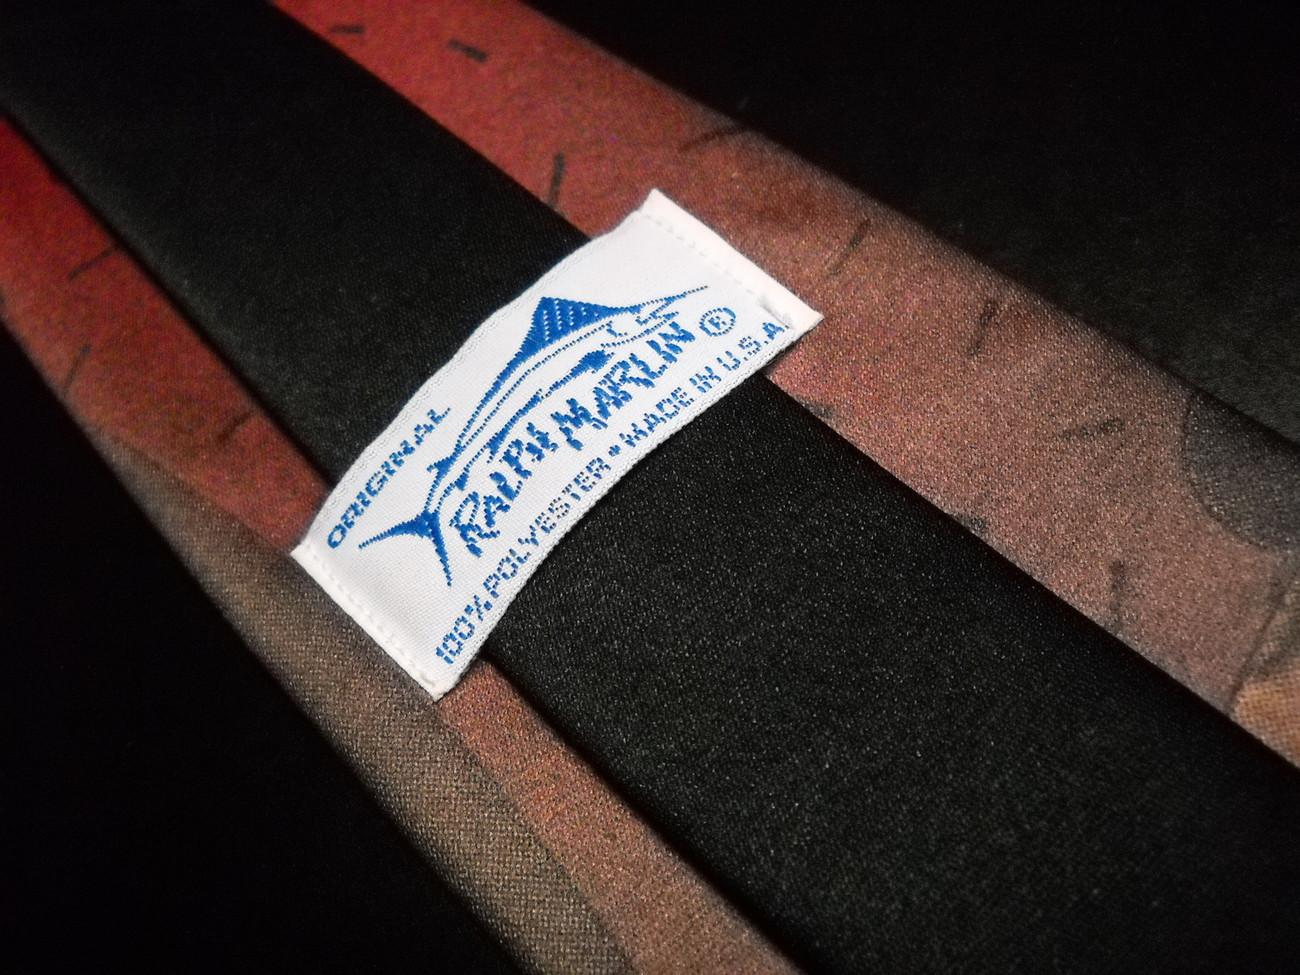 Ralph Marlin Neck Tie Biker Beldar 1993 SNL Dan Aykroyd Conehead NBC Paramount